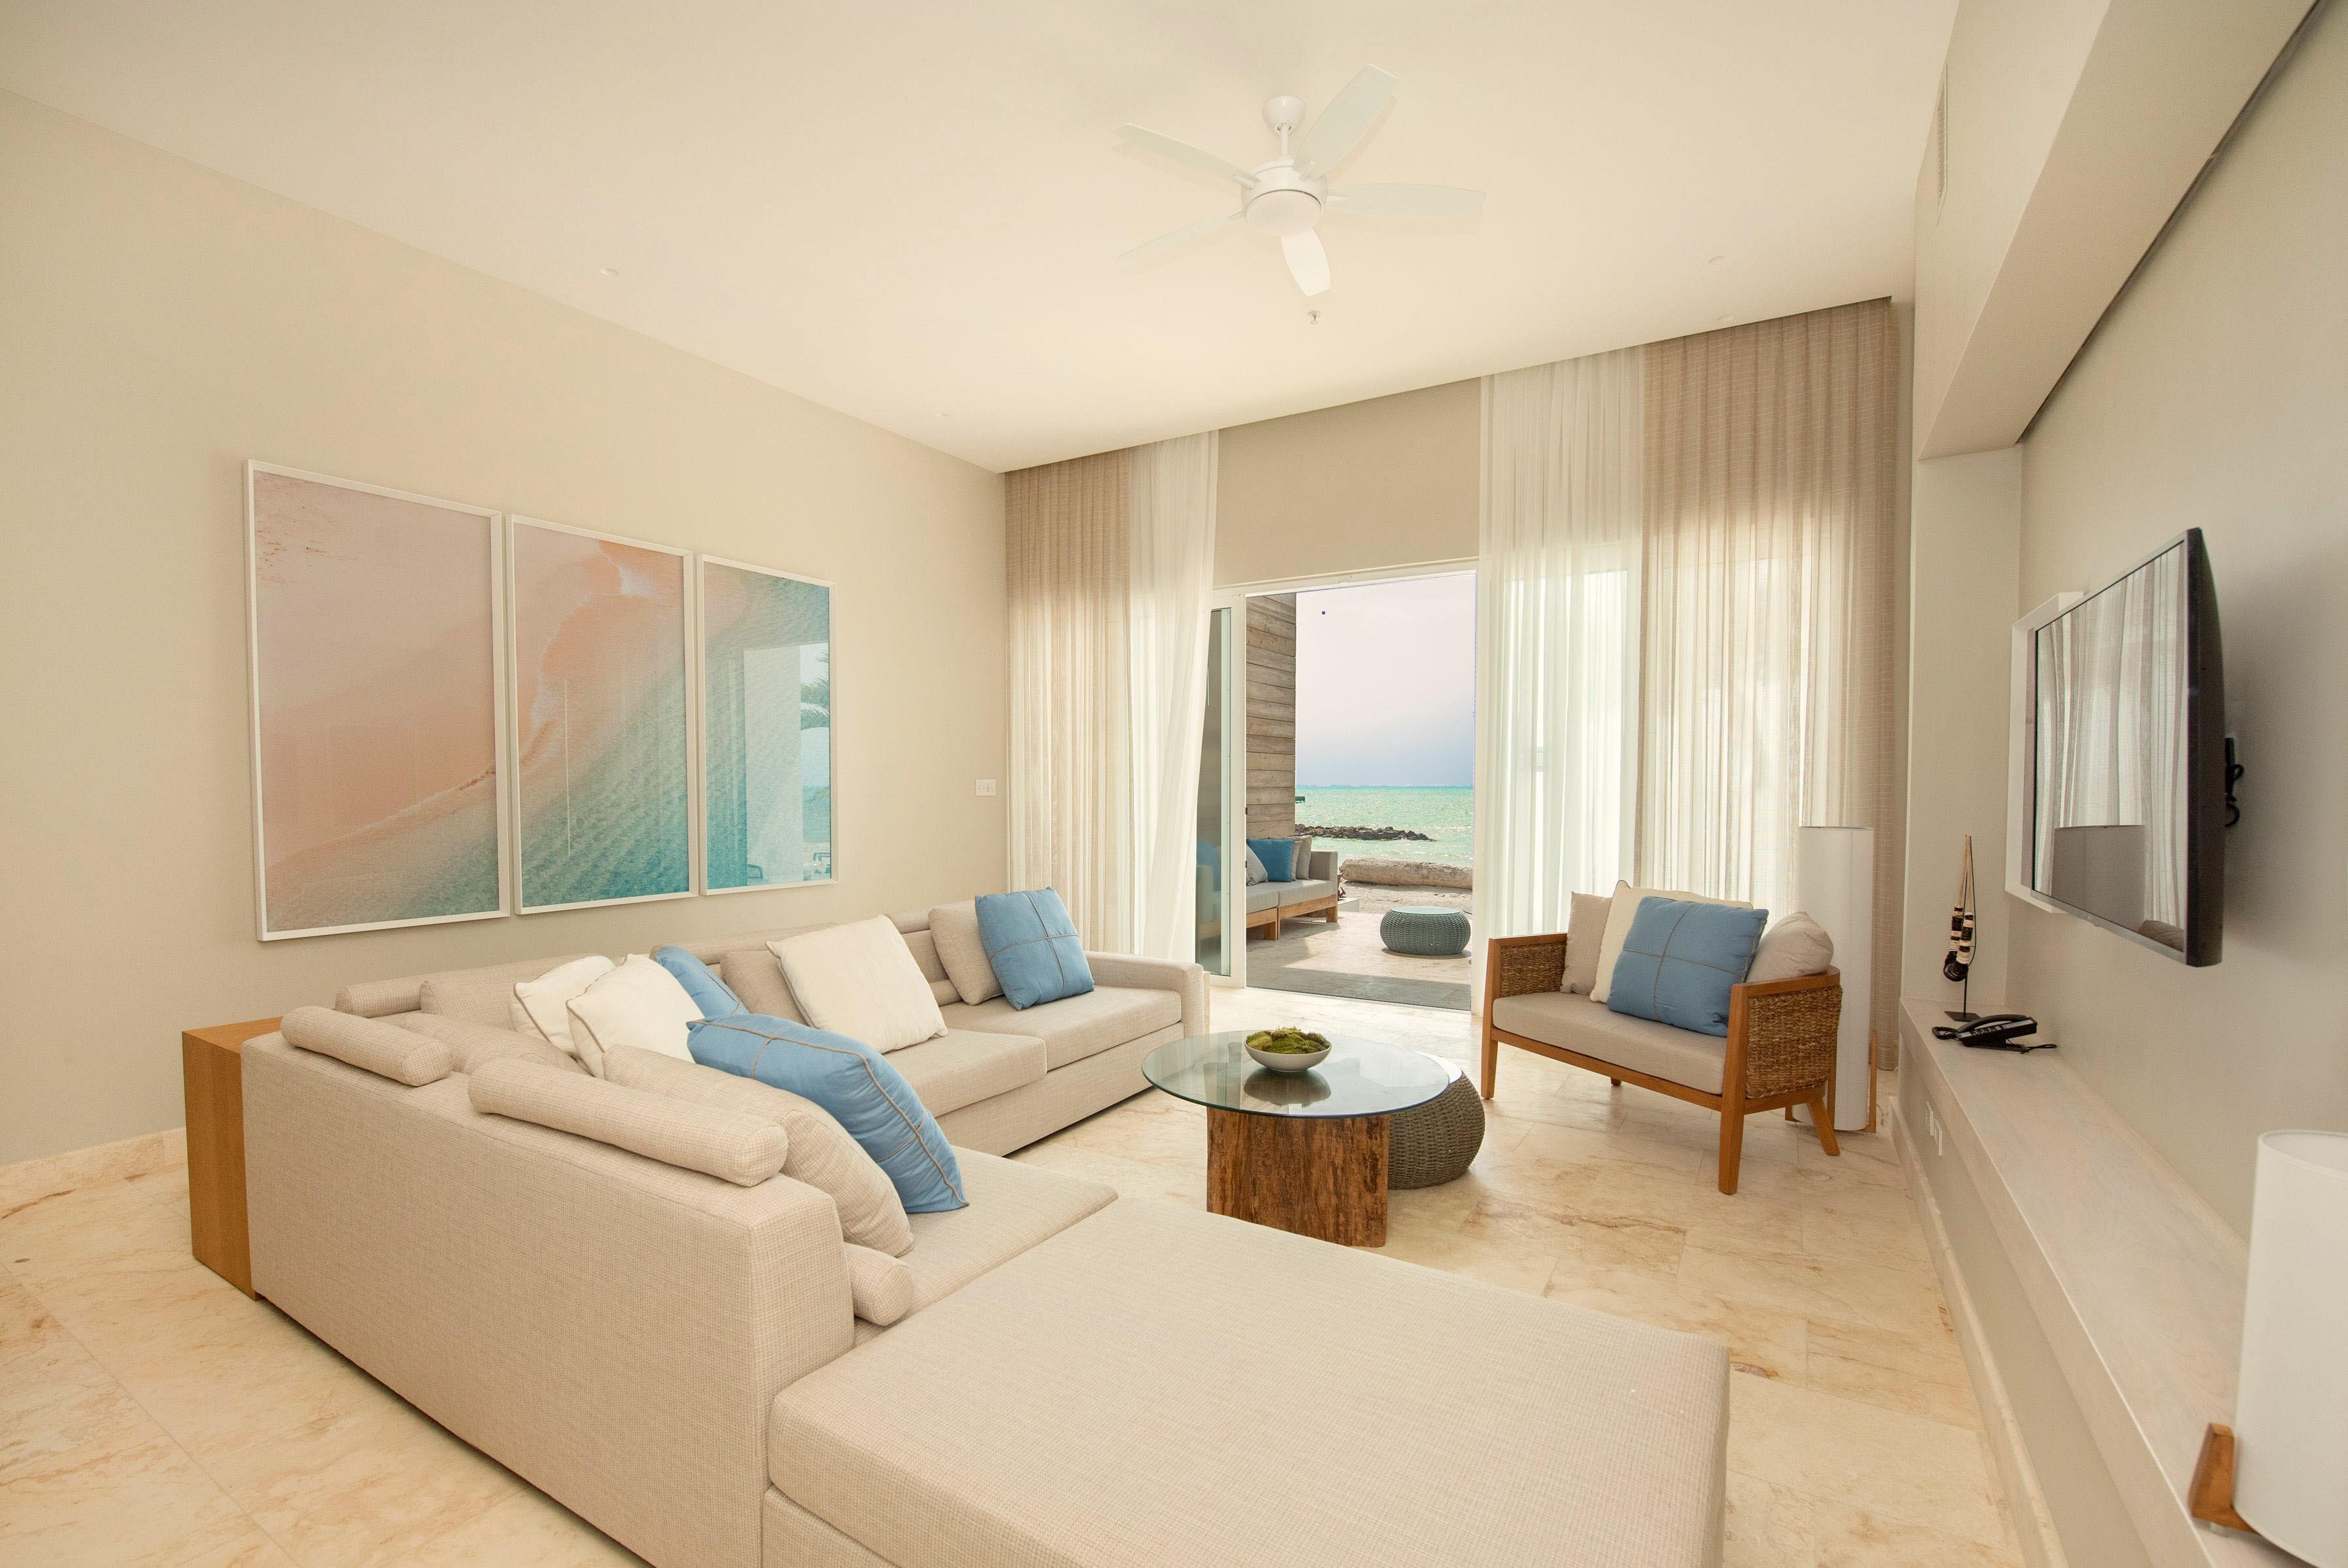 Villa LIving Room bluer[1].jpg